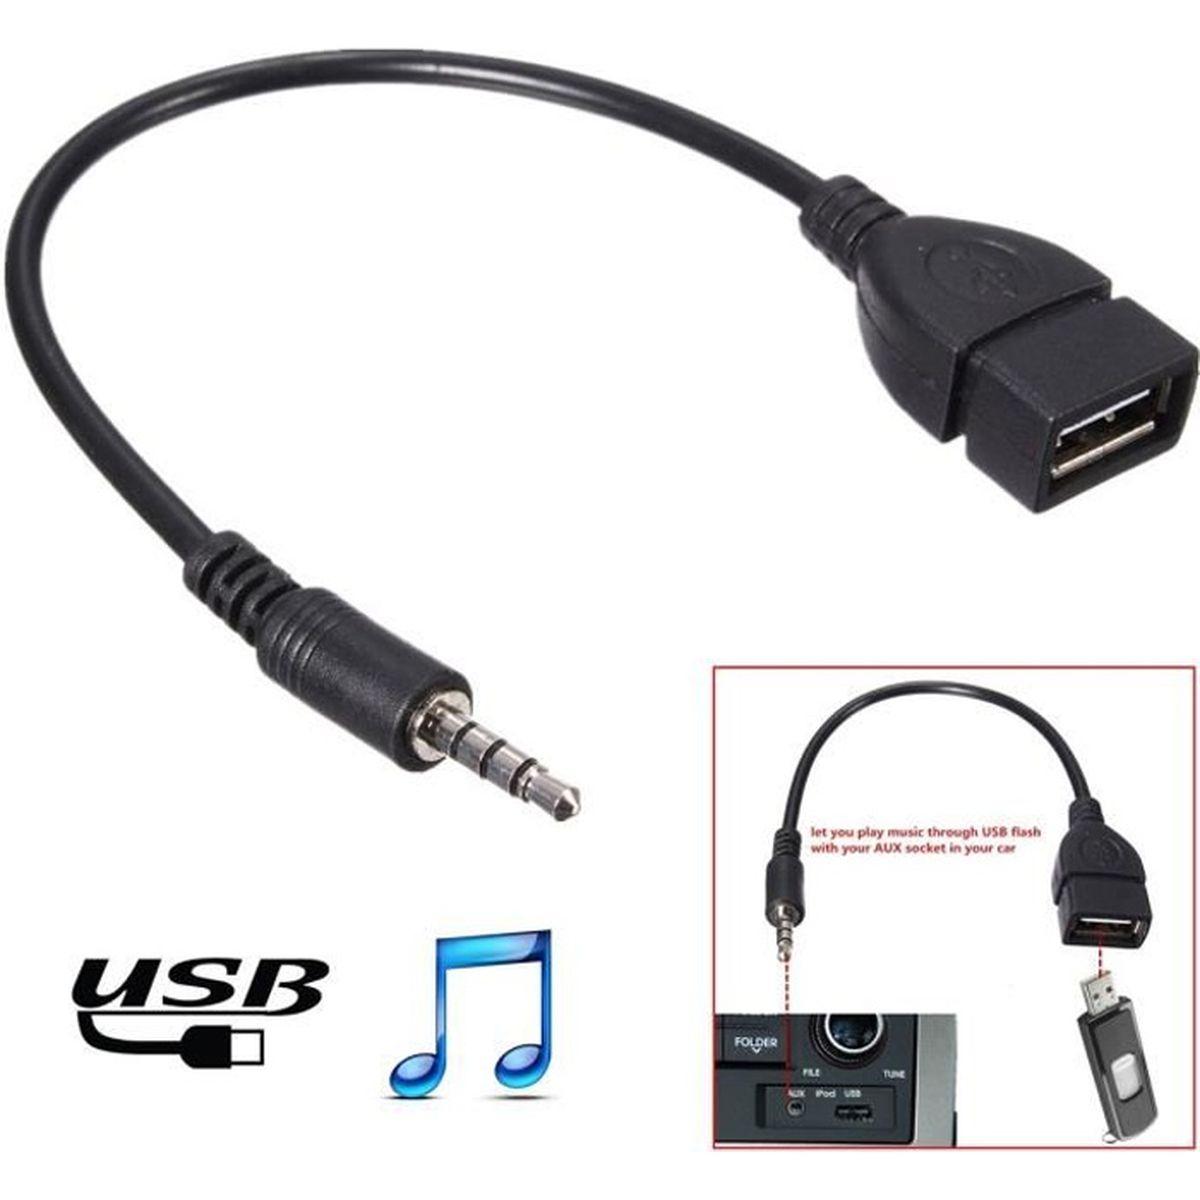 m le audio aux jack vers usb 2 0 a femelle convertisseur adaptateur cable pas cher achat. Black Bedroom Furniture Sets. Home Design Ideas